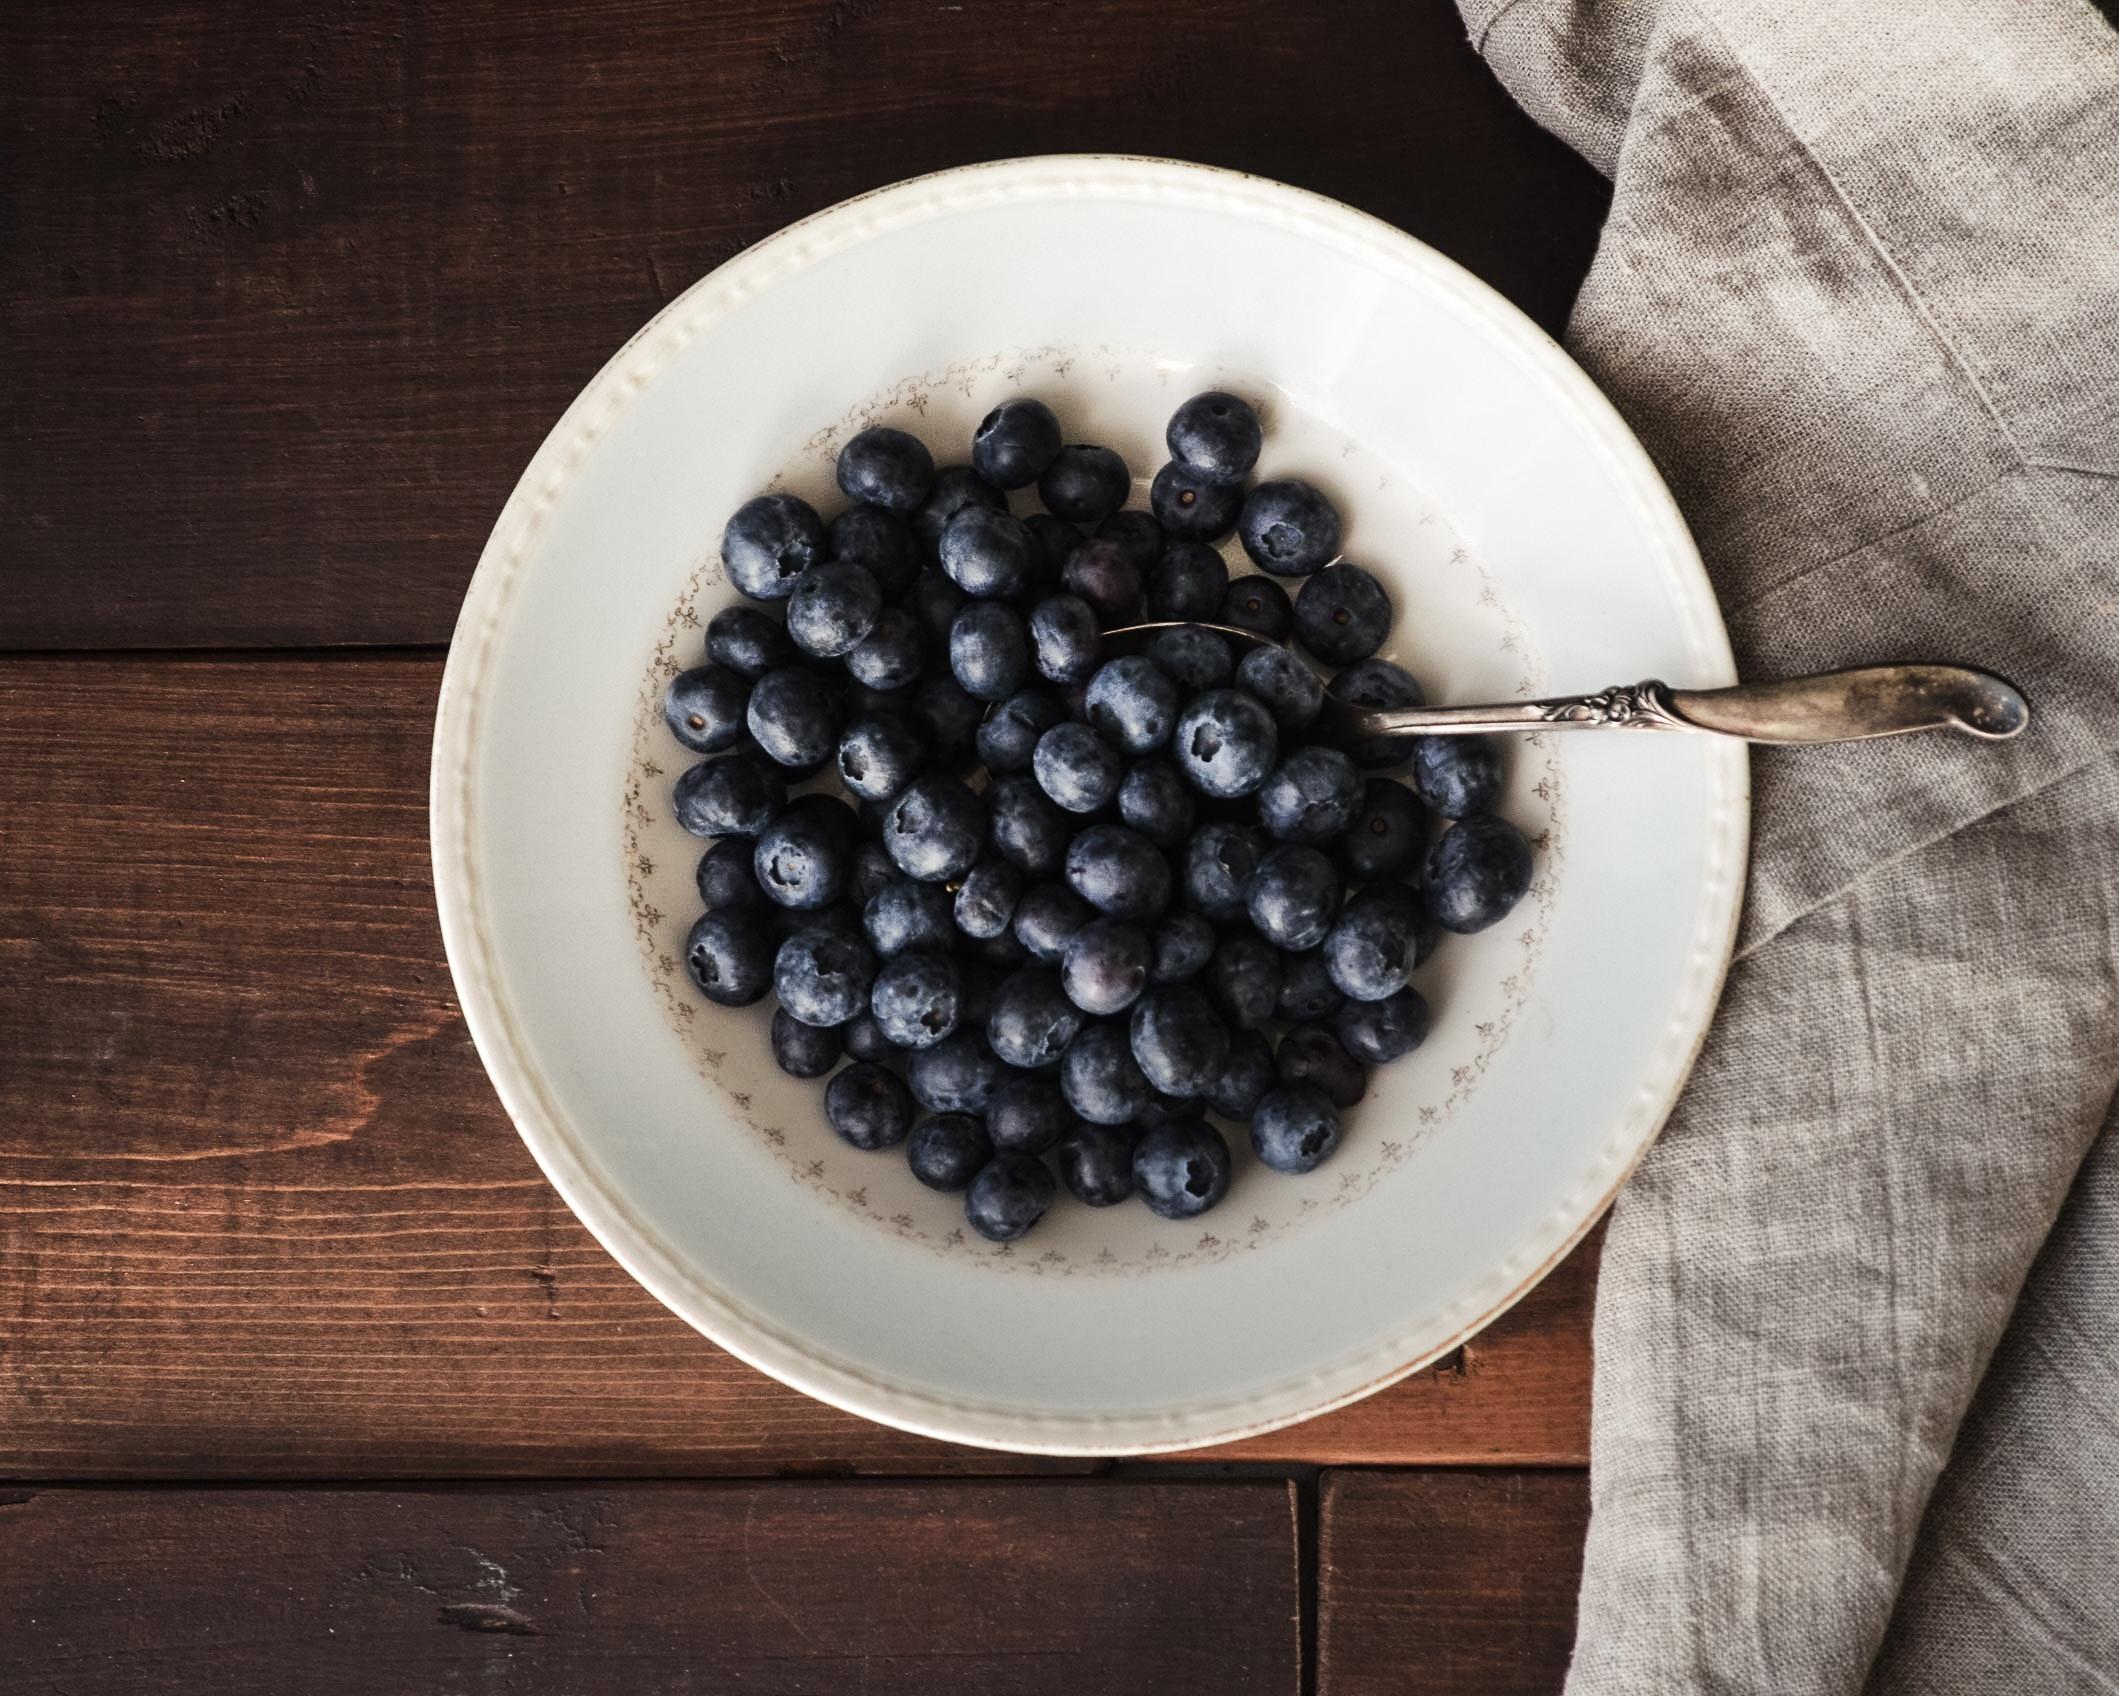 blueberry in white platter